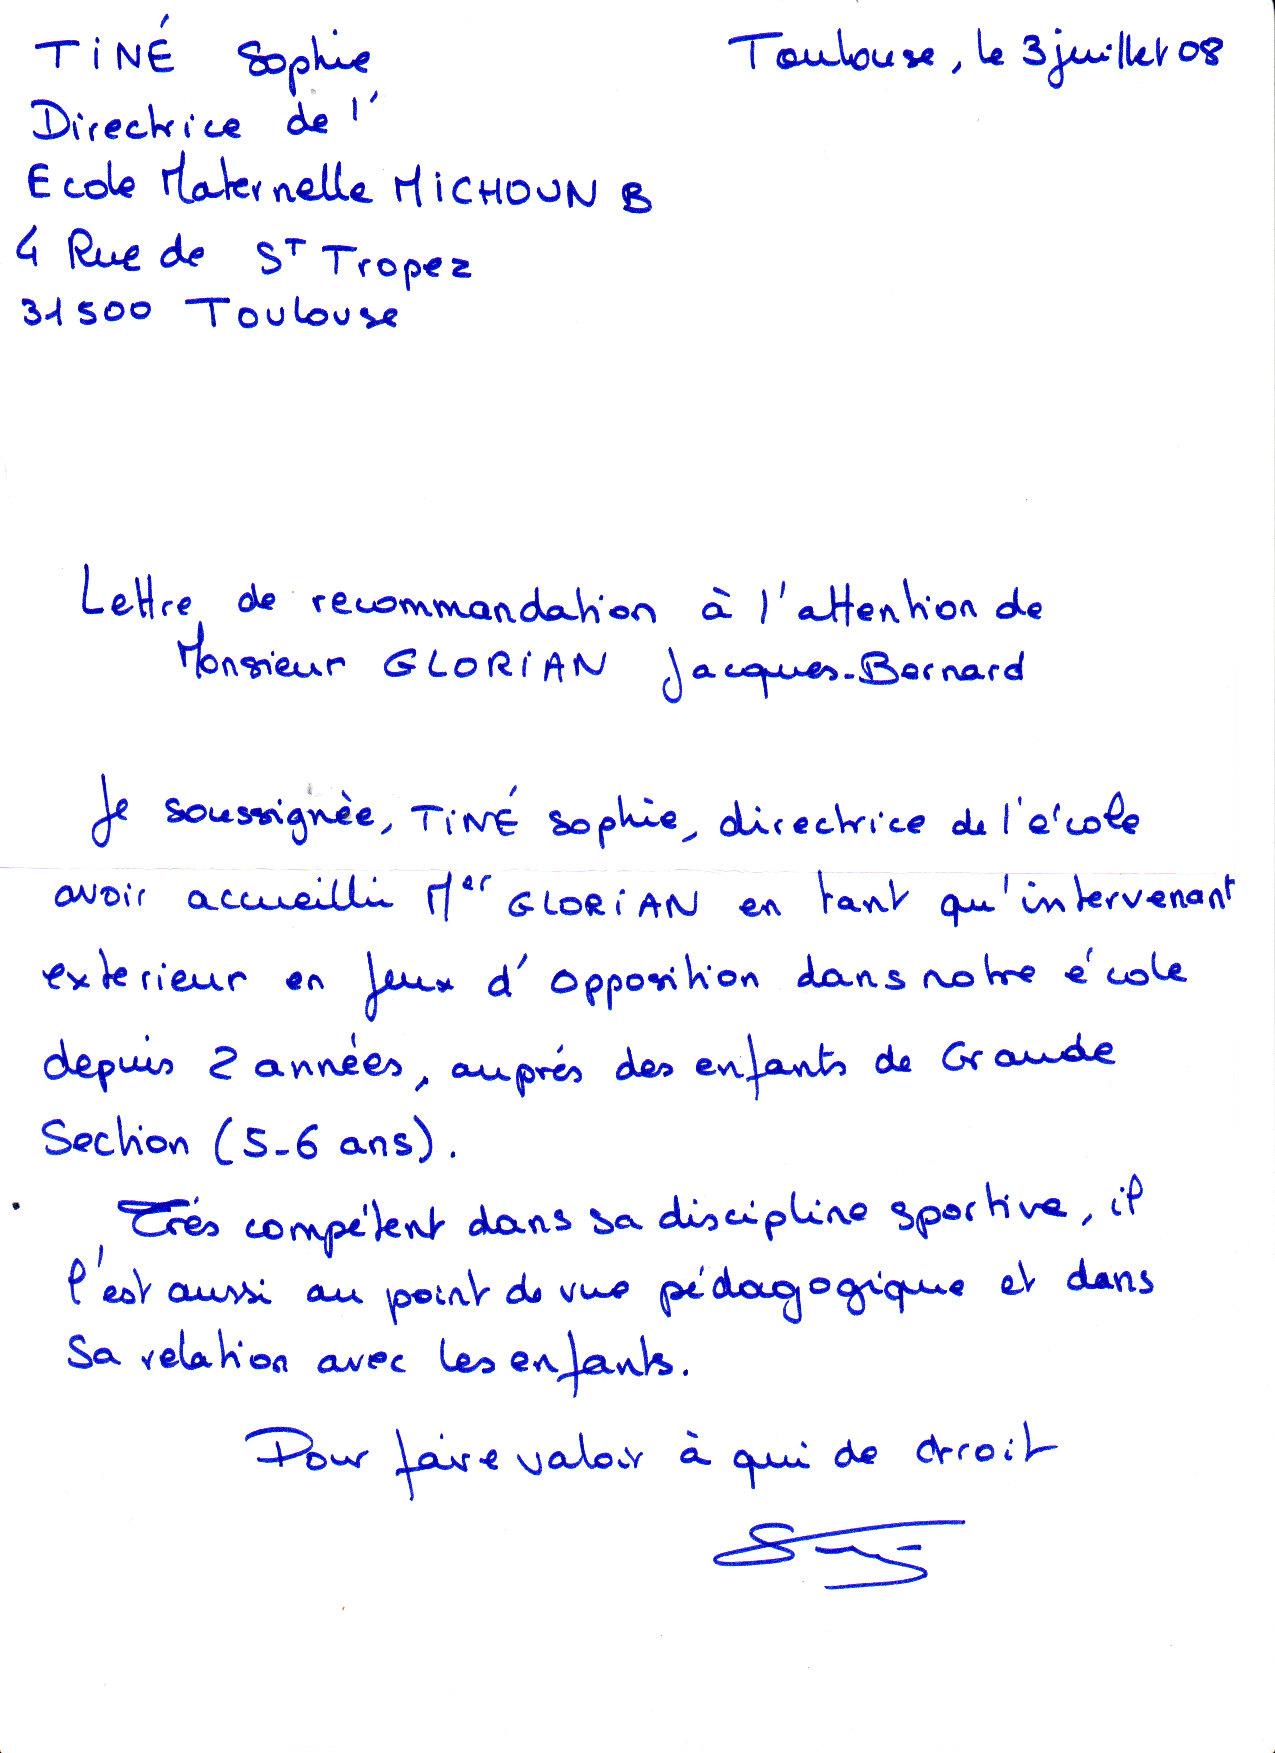 la lettre de recommandation